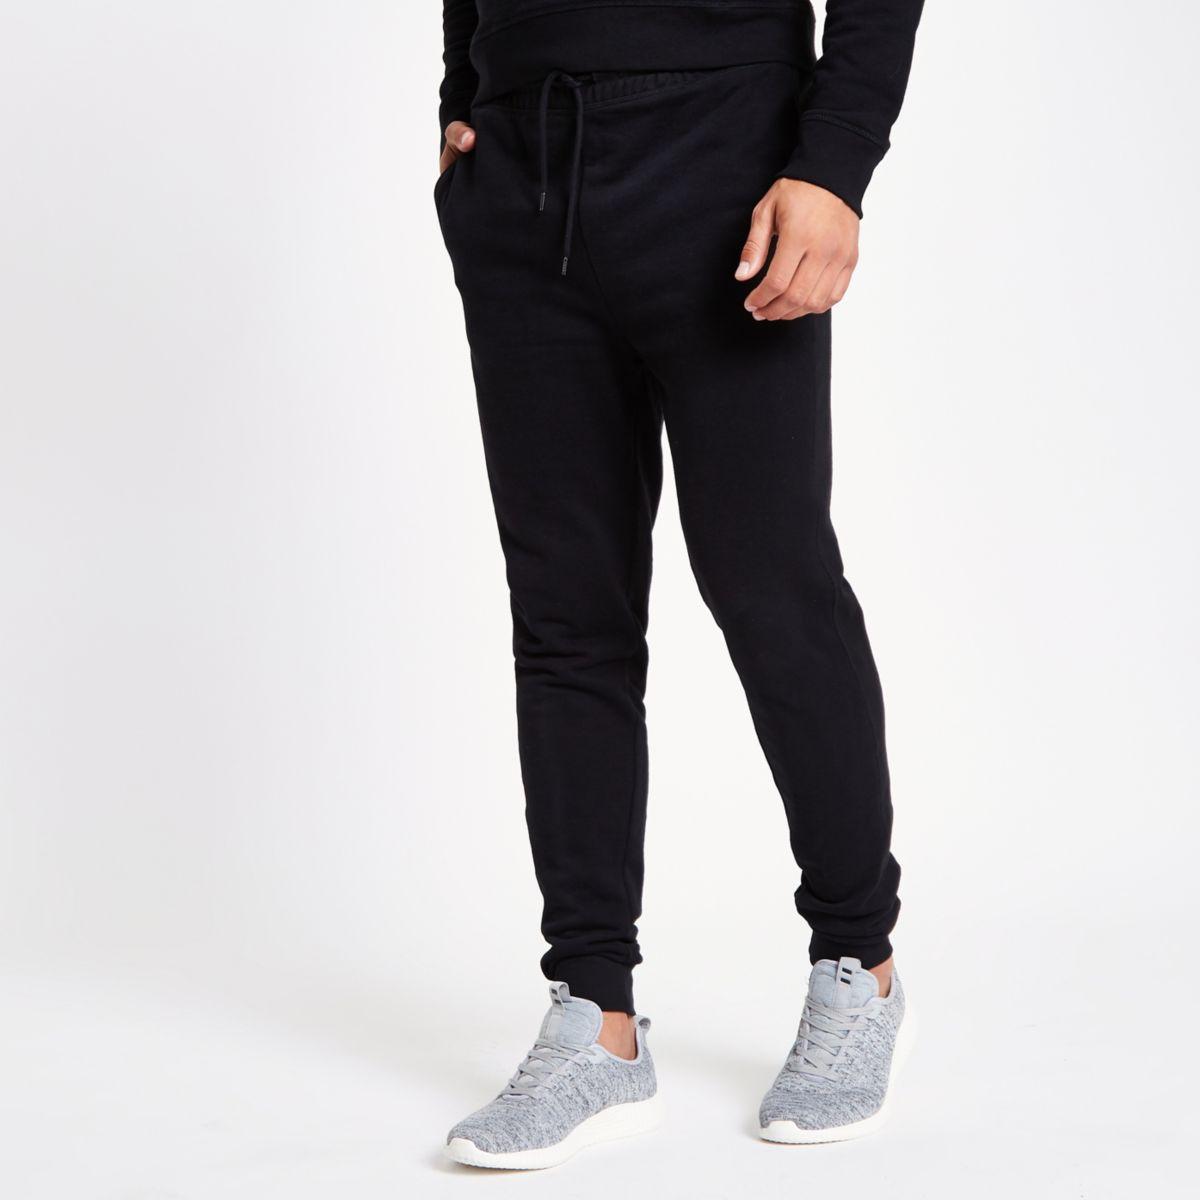 Zwarte jersey joggingbroek